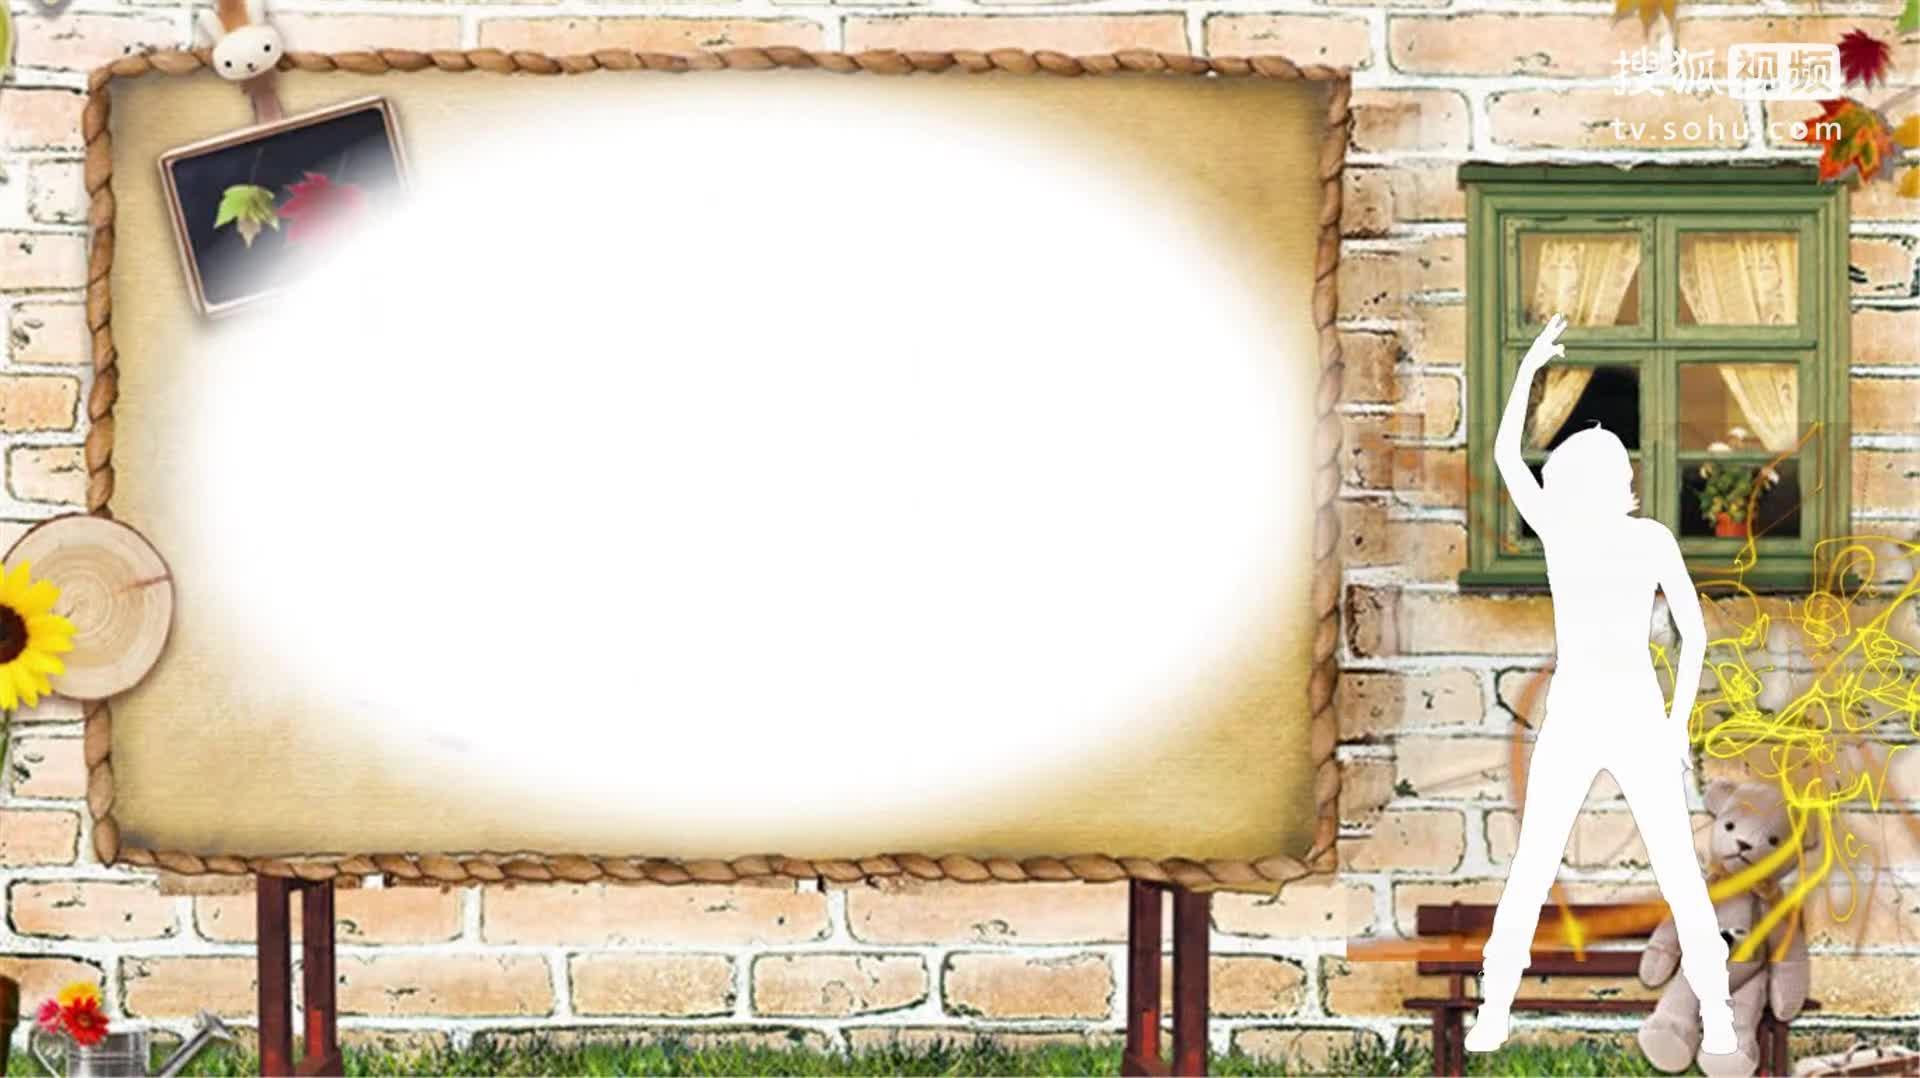 ppt 背景 背景图片 边框 家具 镜子 模板 设计 梳妆台 相框 1920_1078